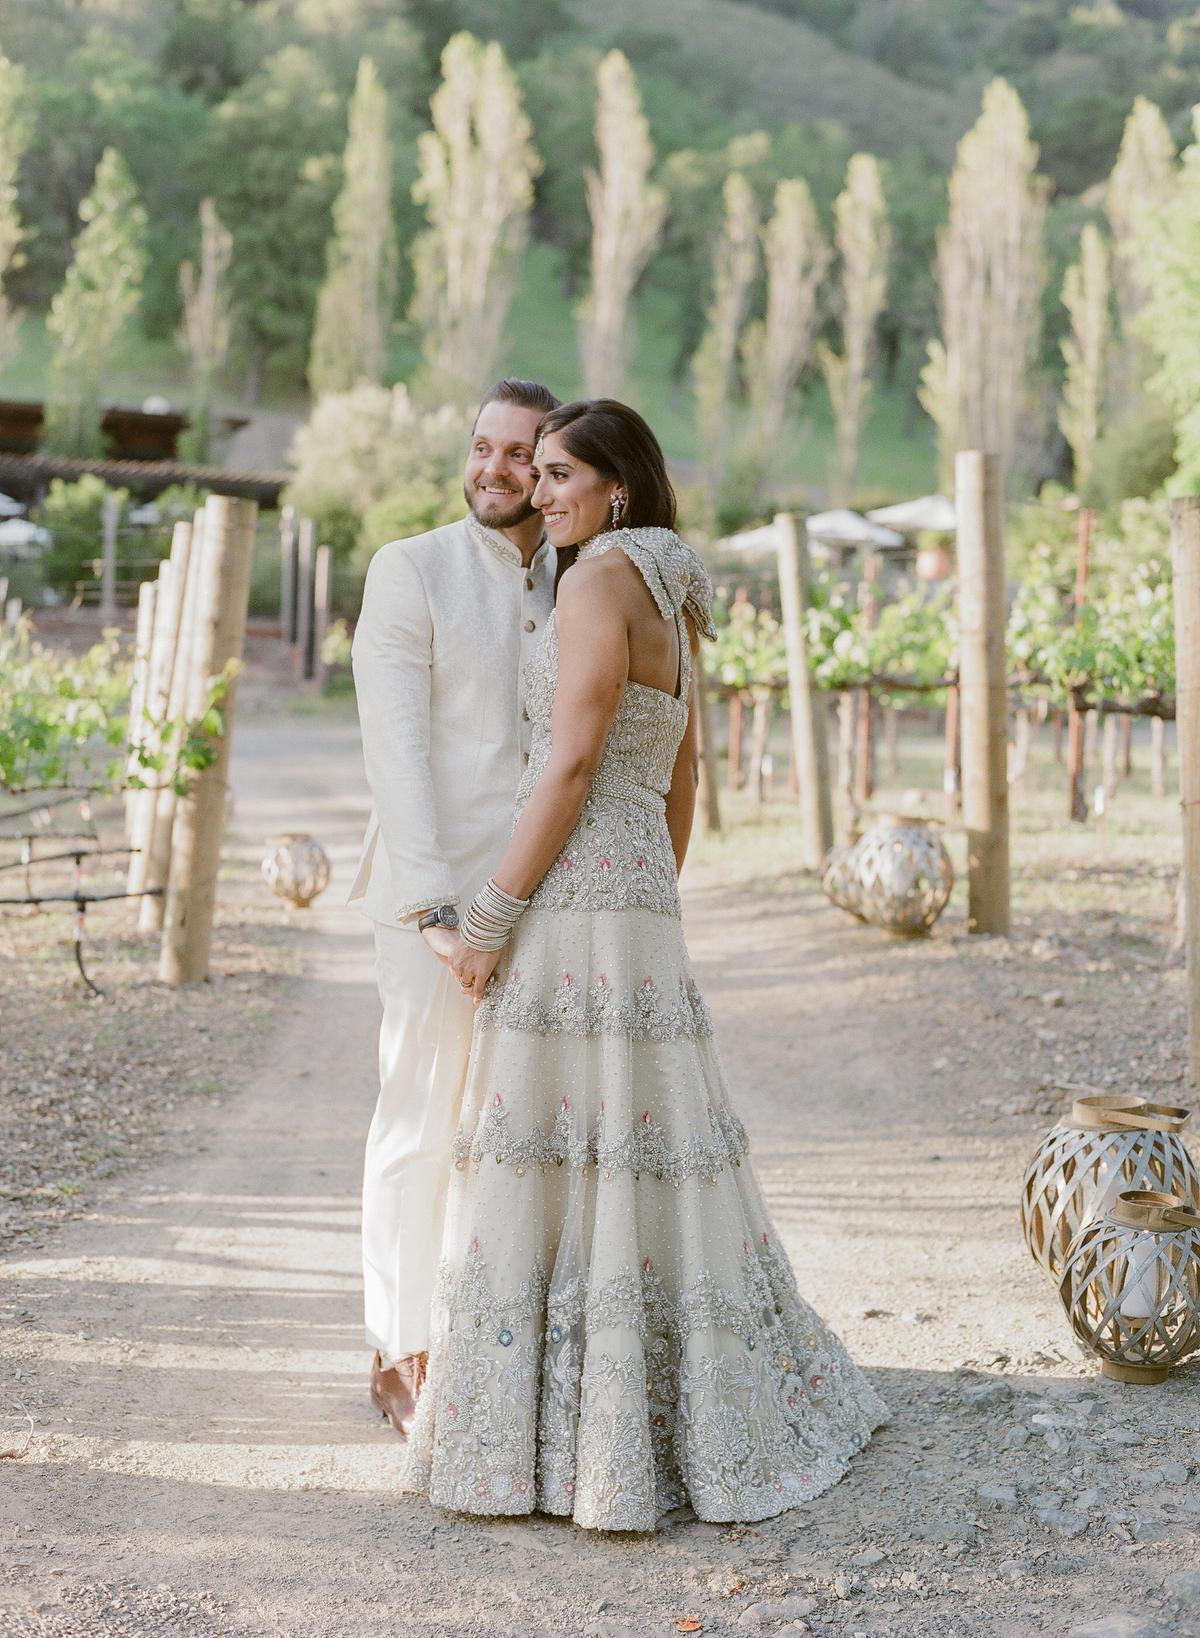 nadine dan wedding welcome party couple